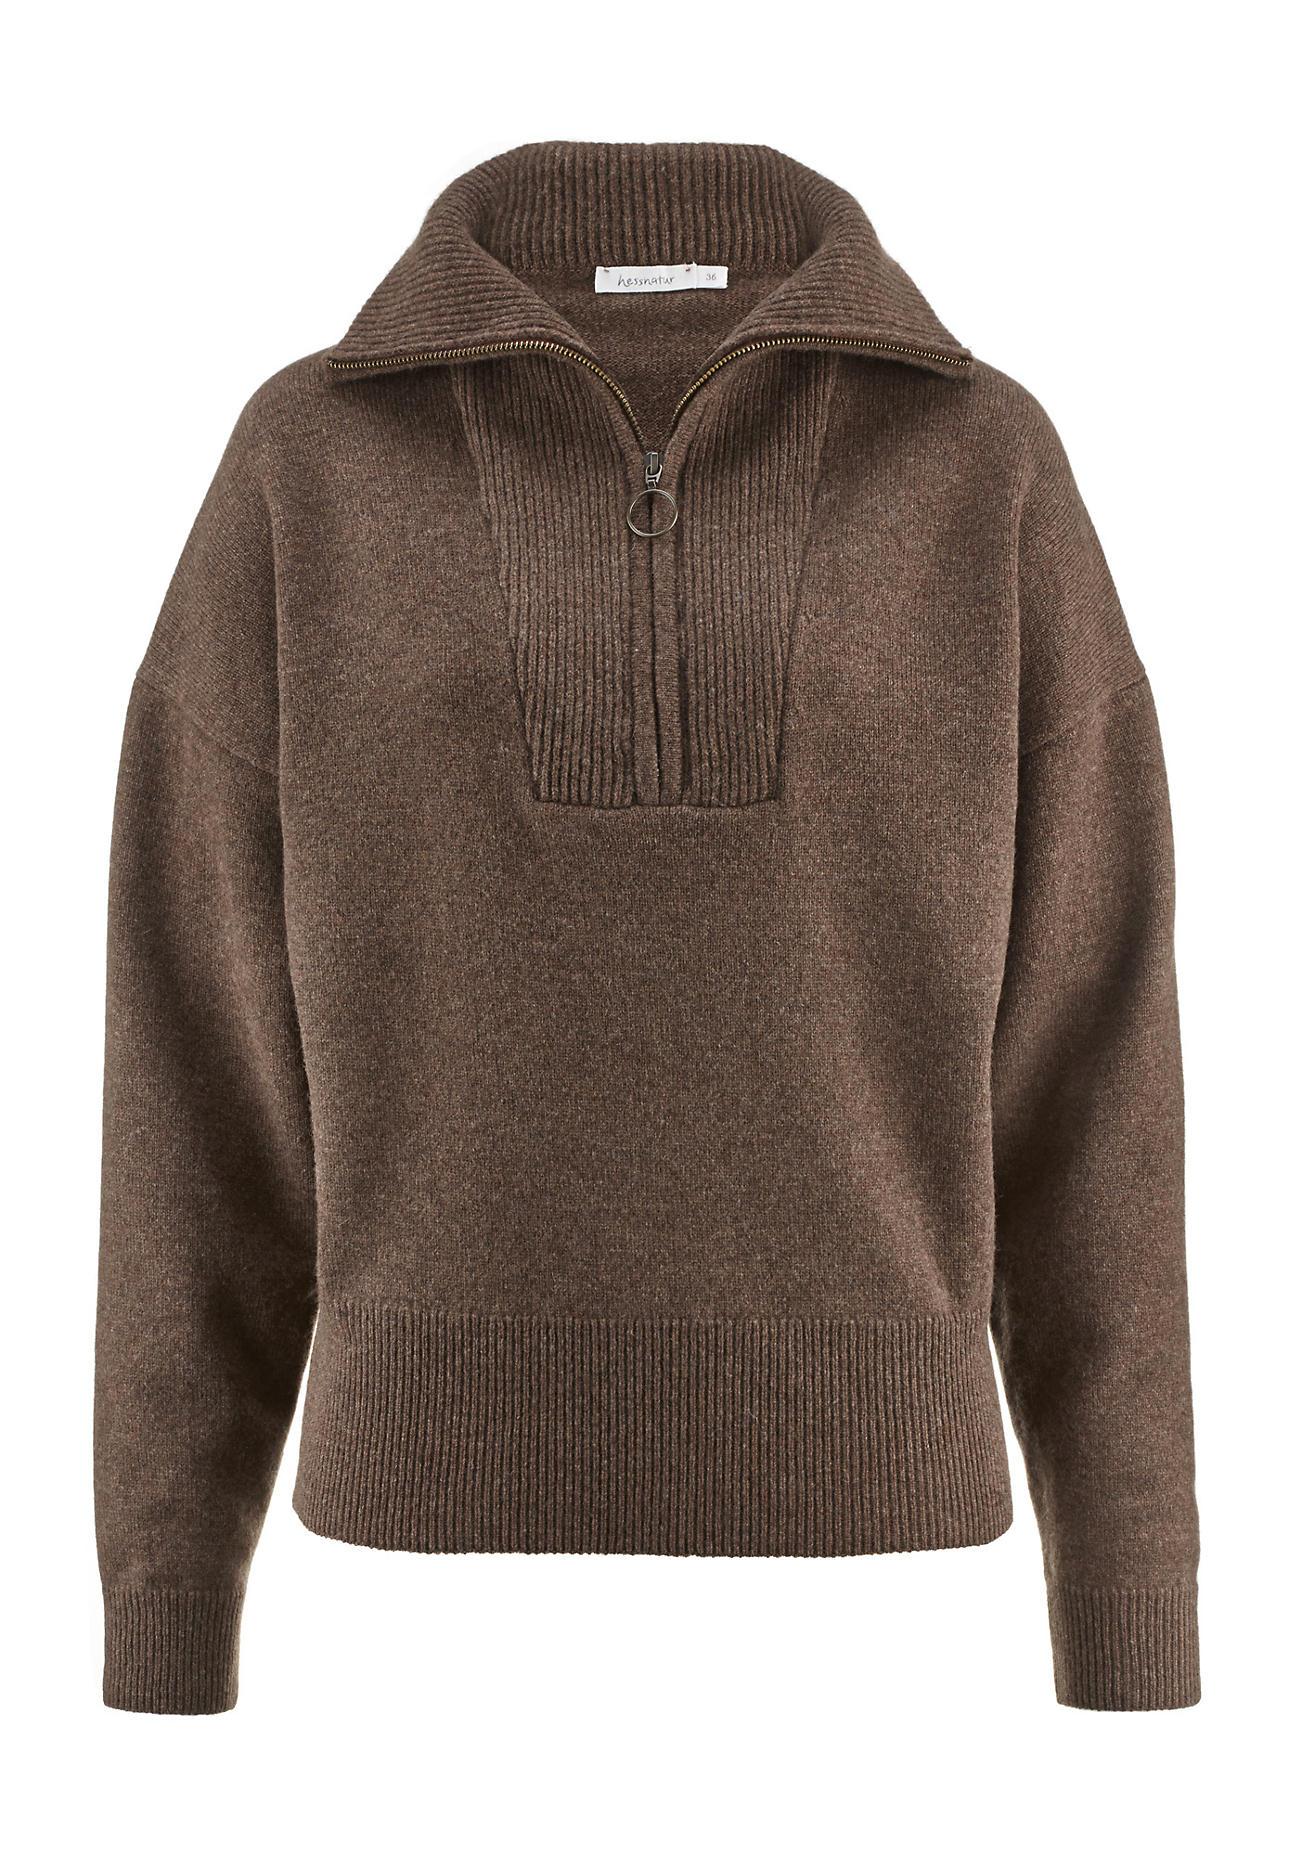 hessnatur Damen Troyer aus Lambswool – braun – Größe 40 | Bekleidung > Pullover > Troyer | hessnatur